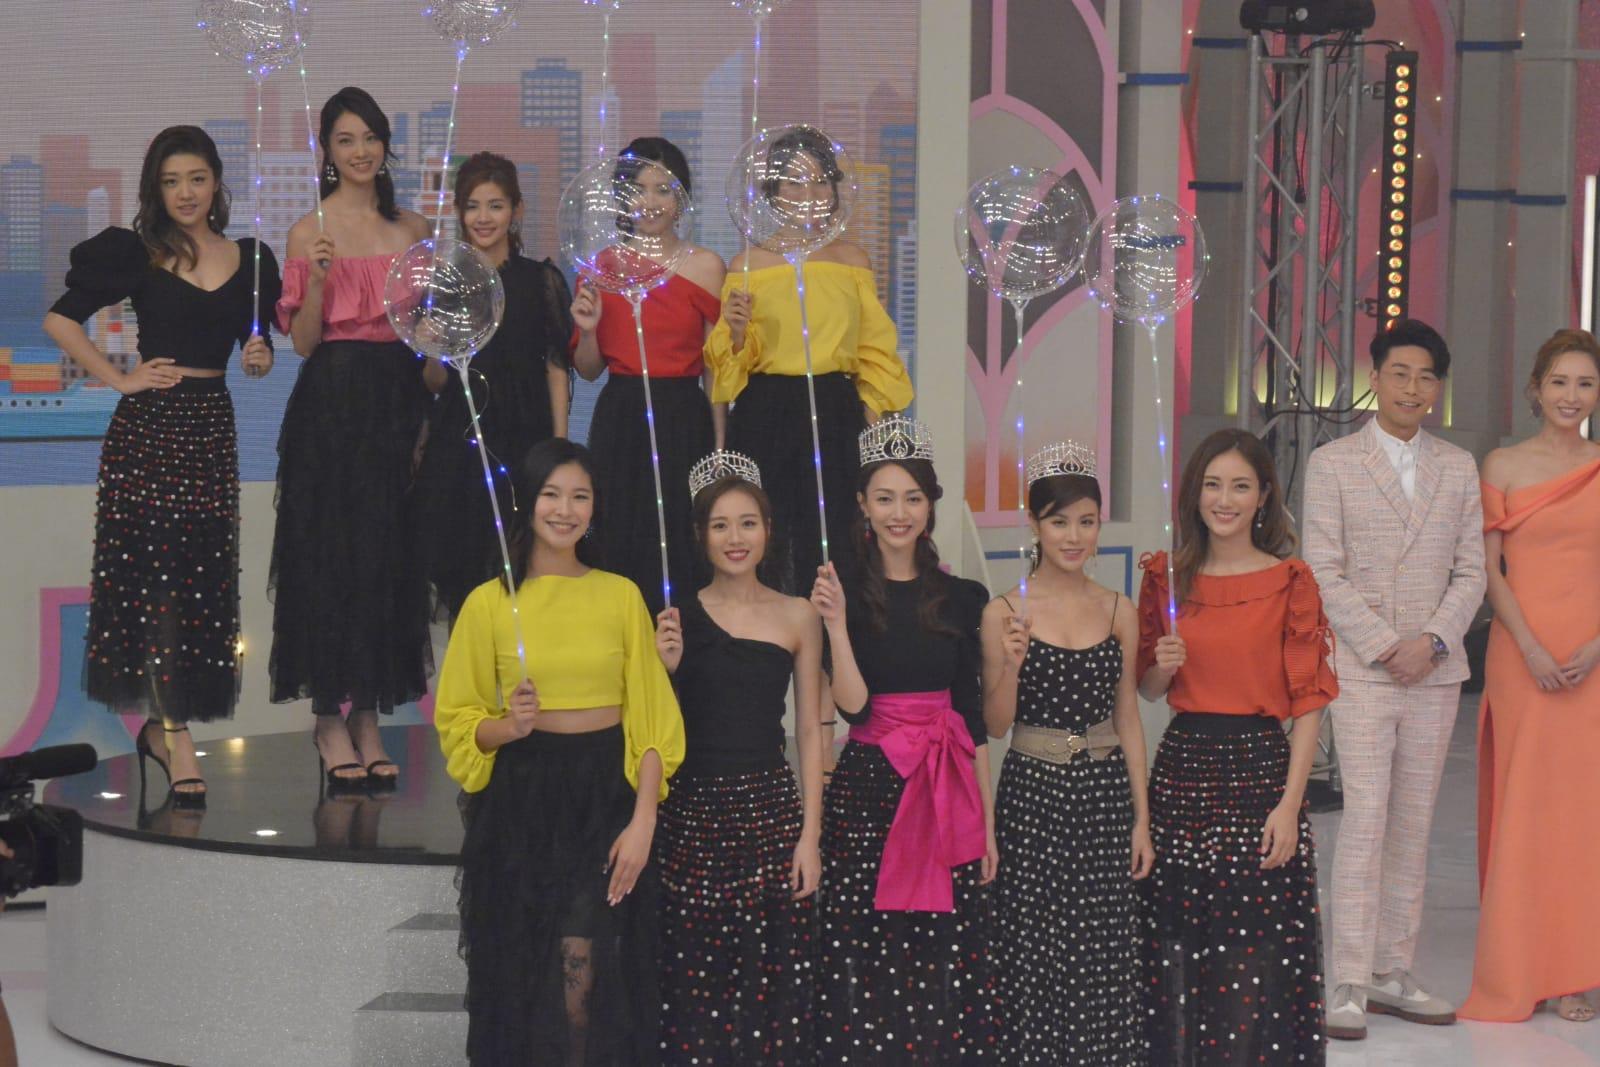 應屆港姐黃嘉雯、王菲、古佩玲當選後即有機會在大型節目首次亮相。